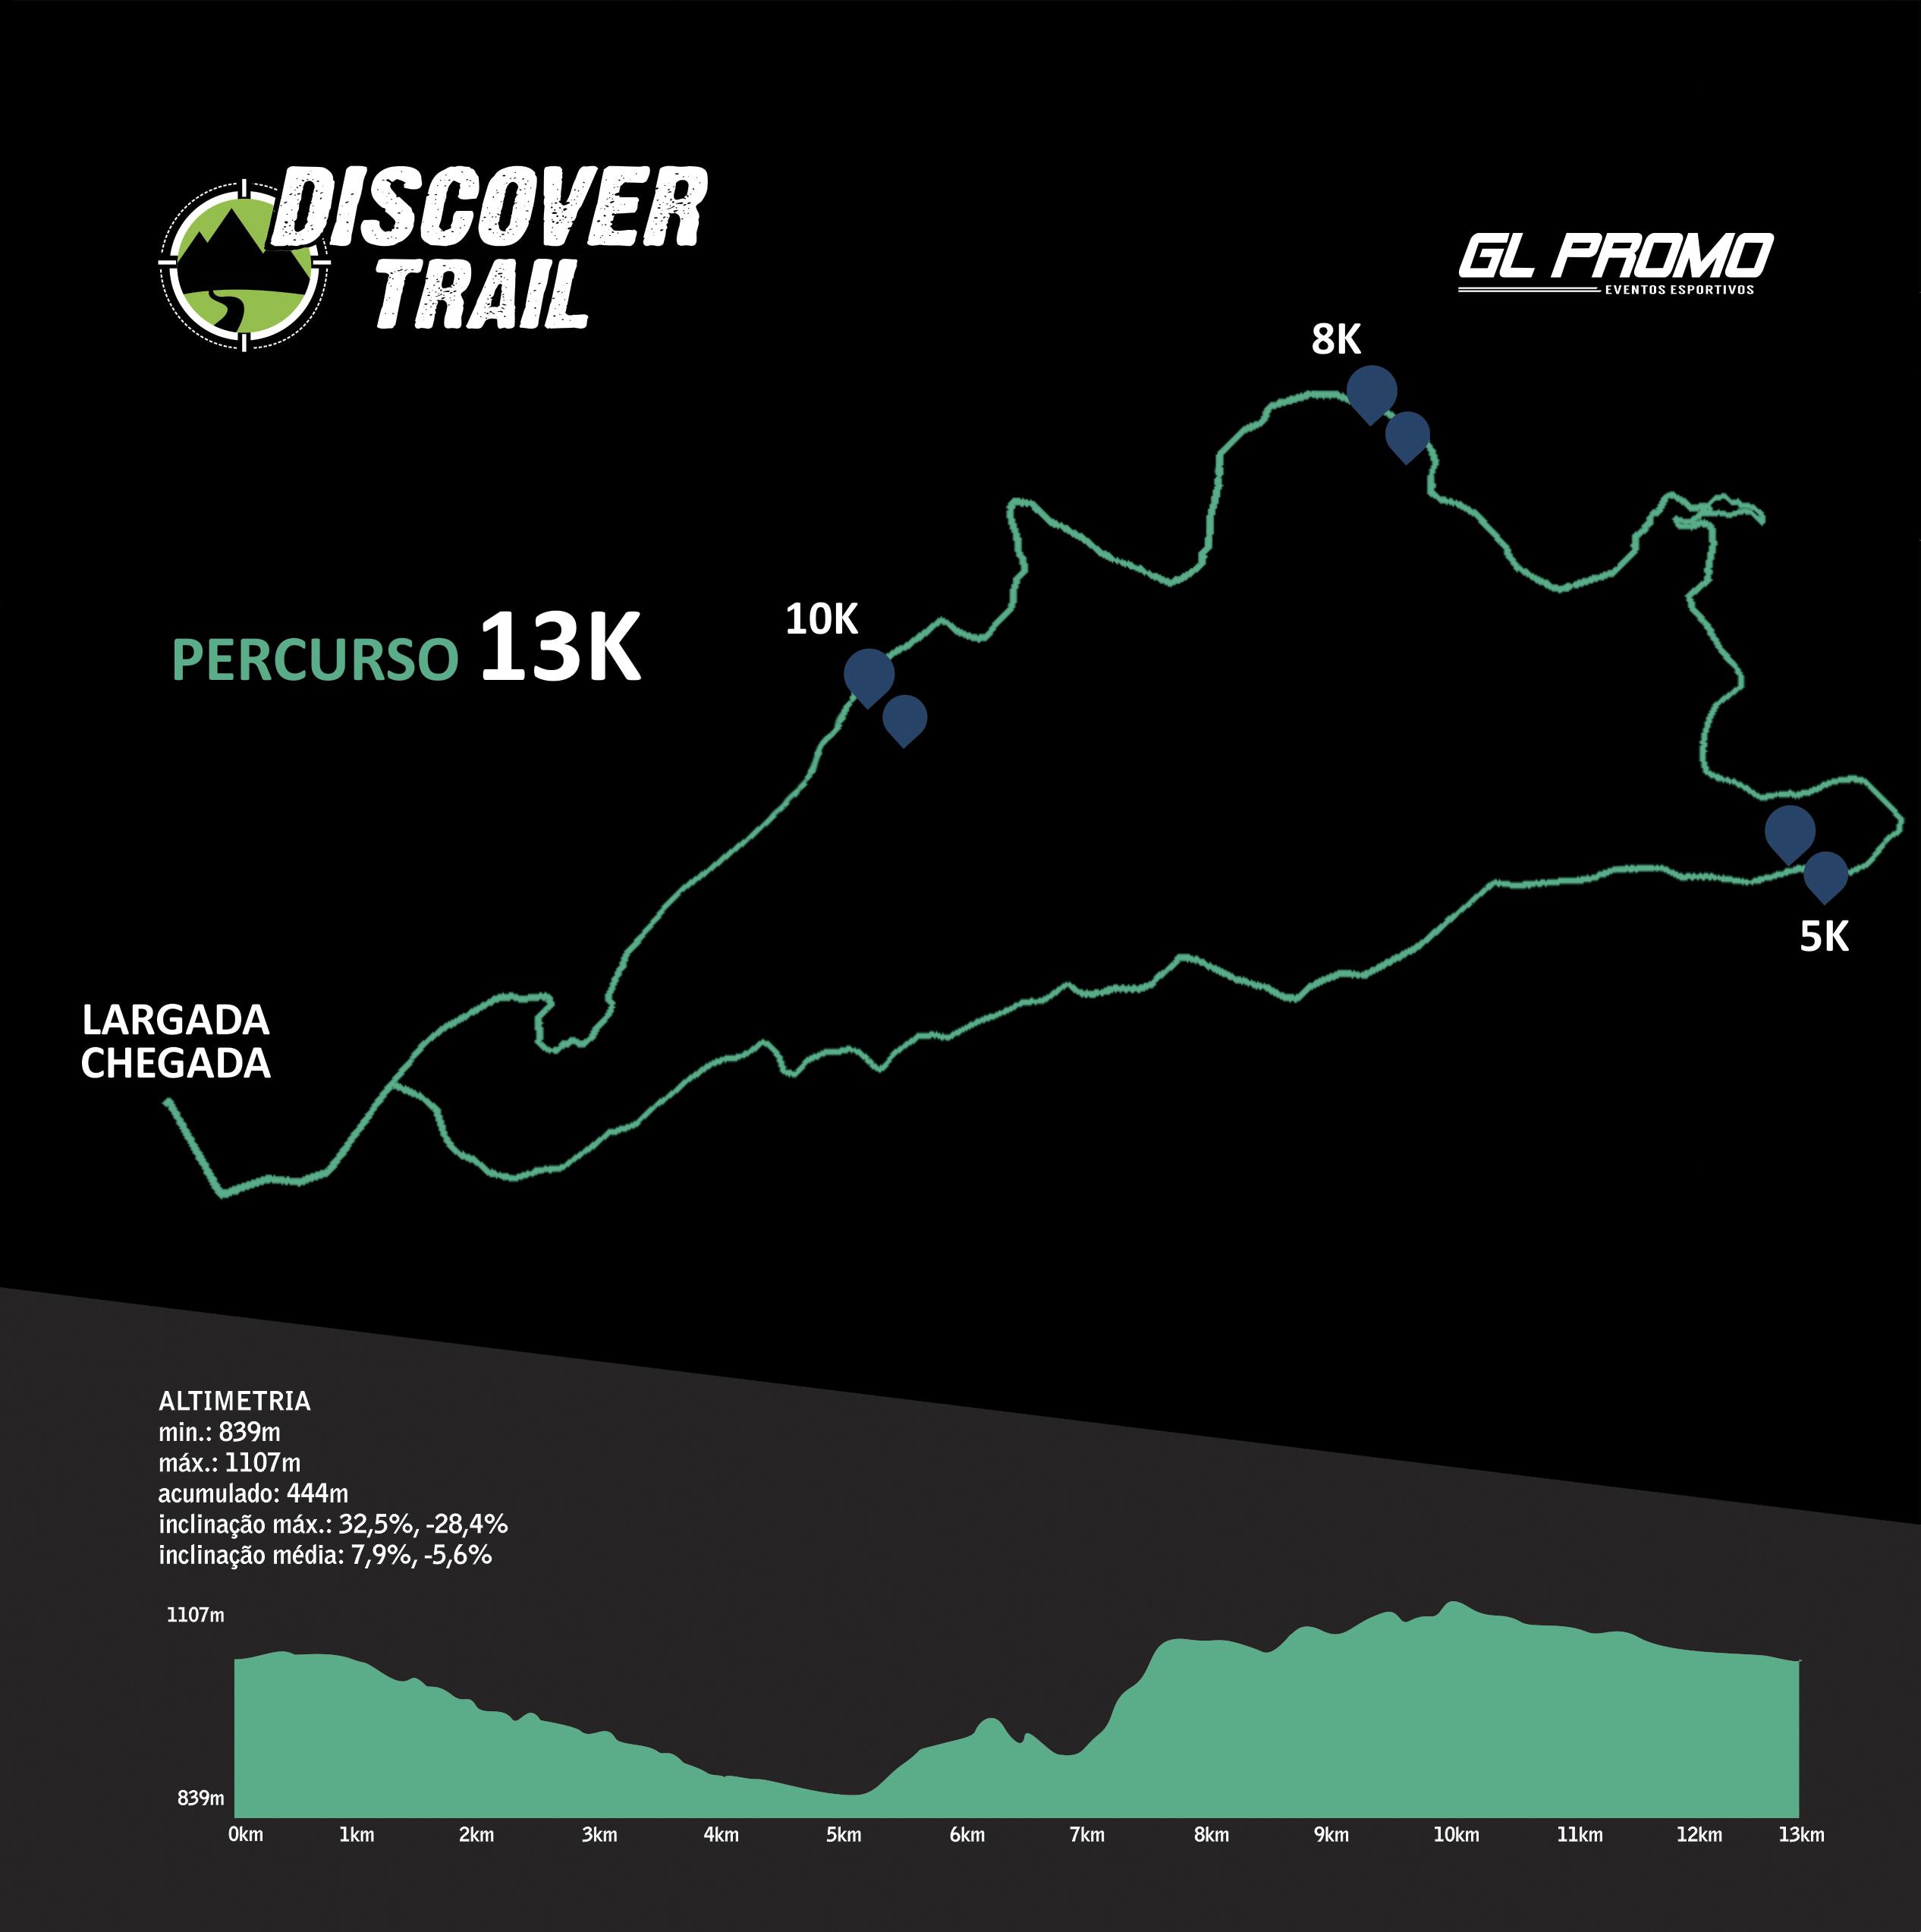 Percurso 13k Discover Trail São Luiz do Purunã